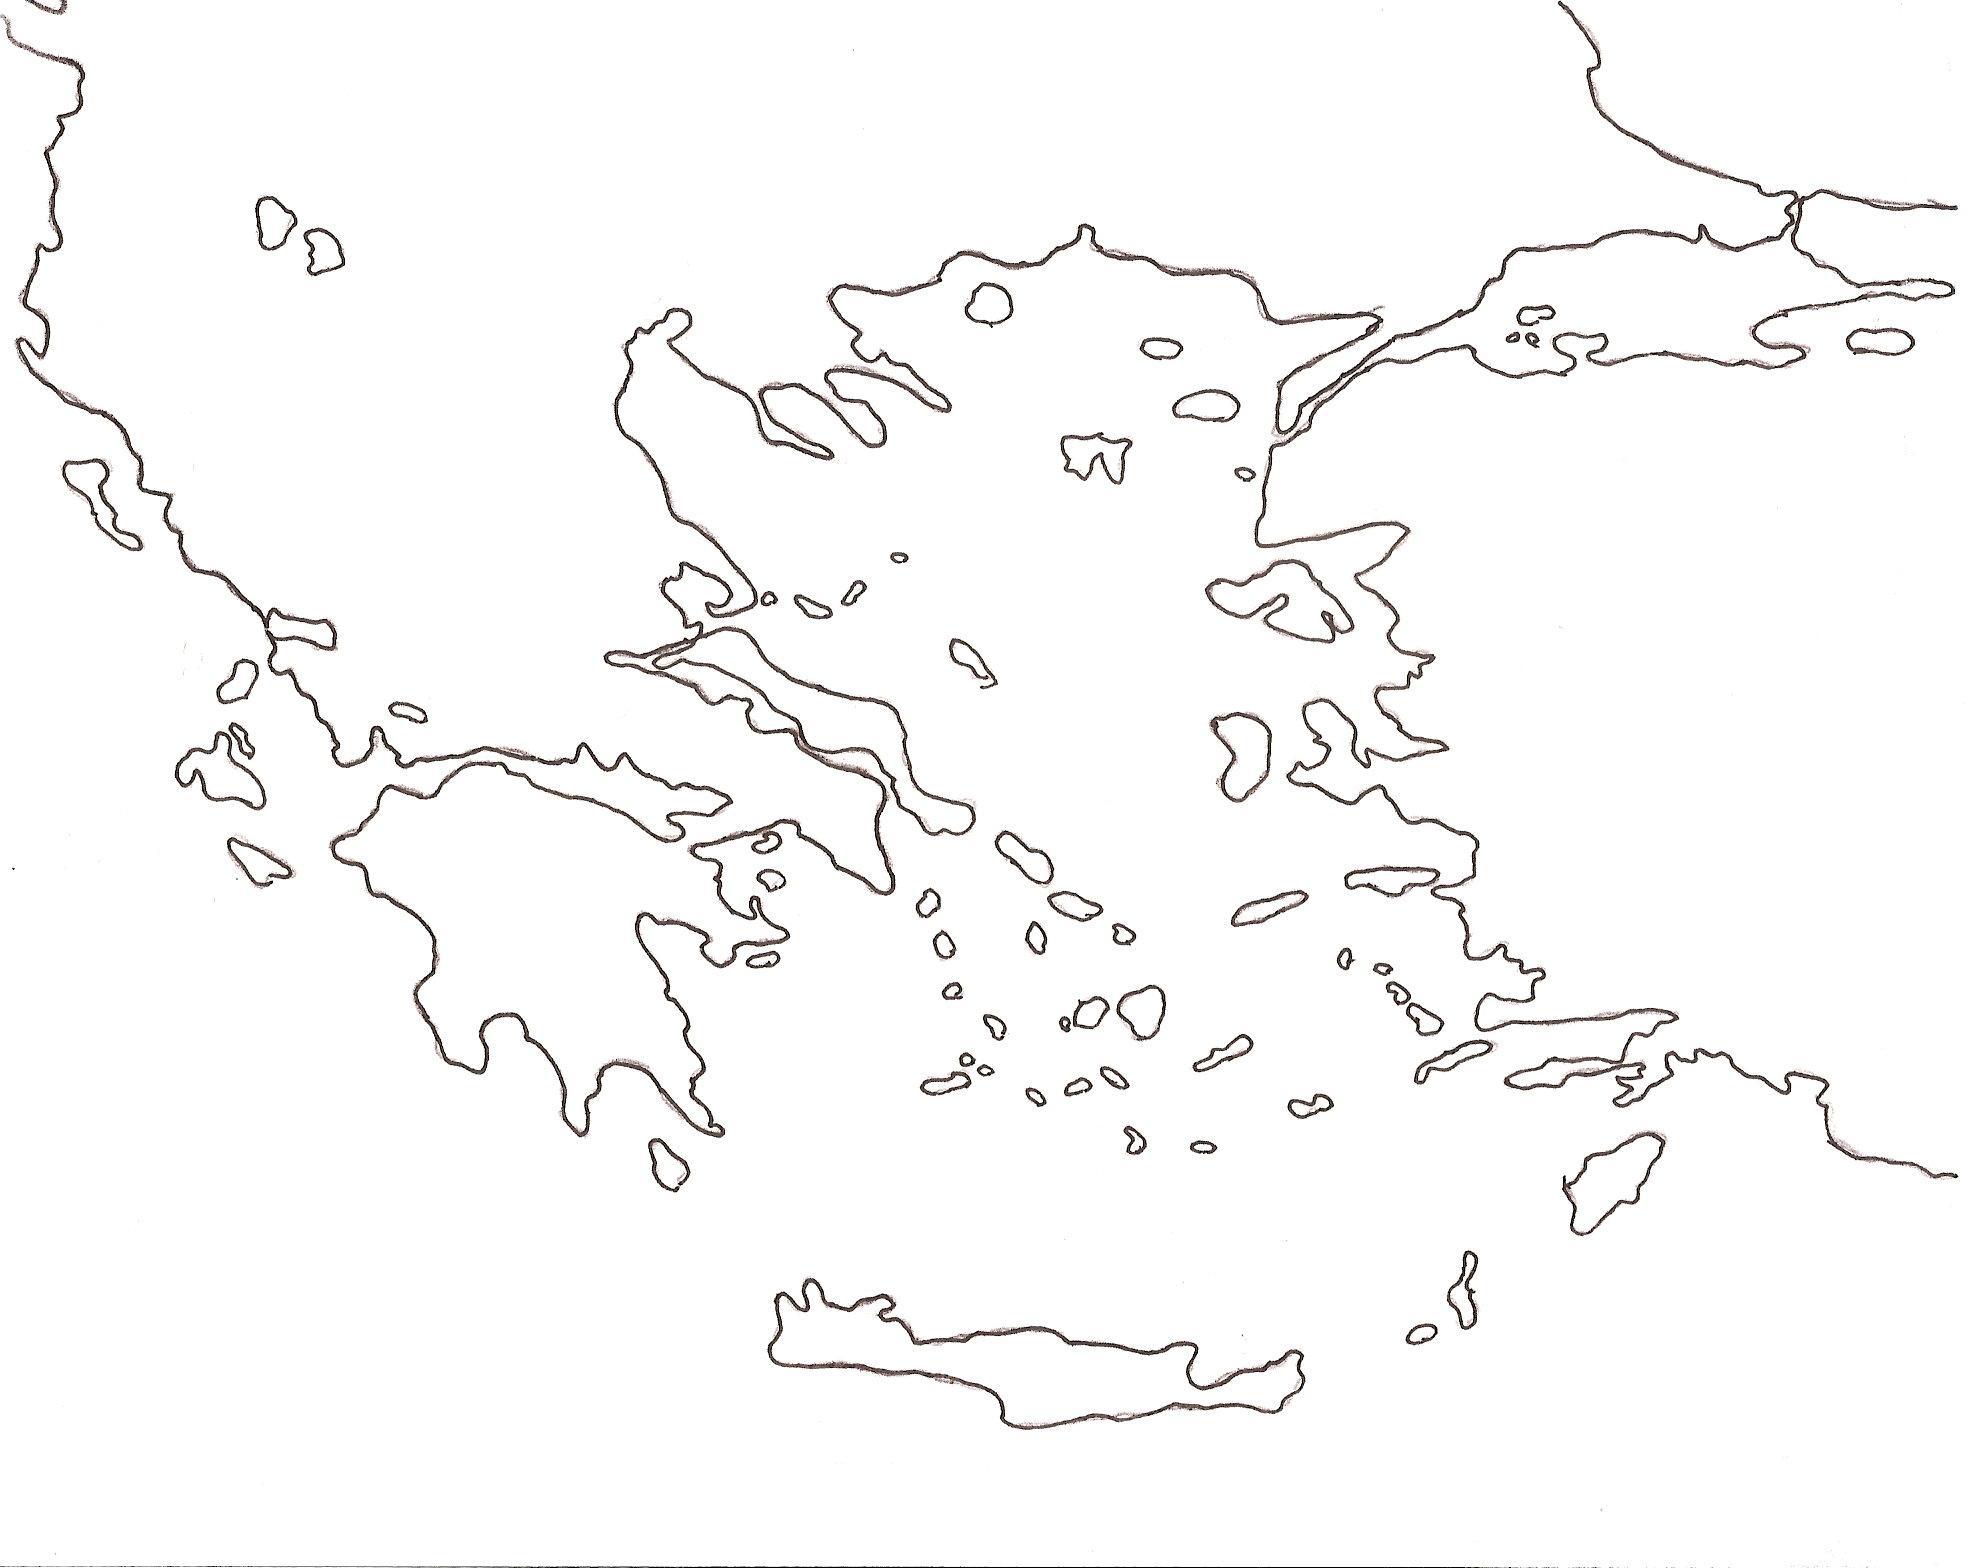 Mapa de grecia online